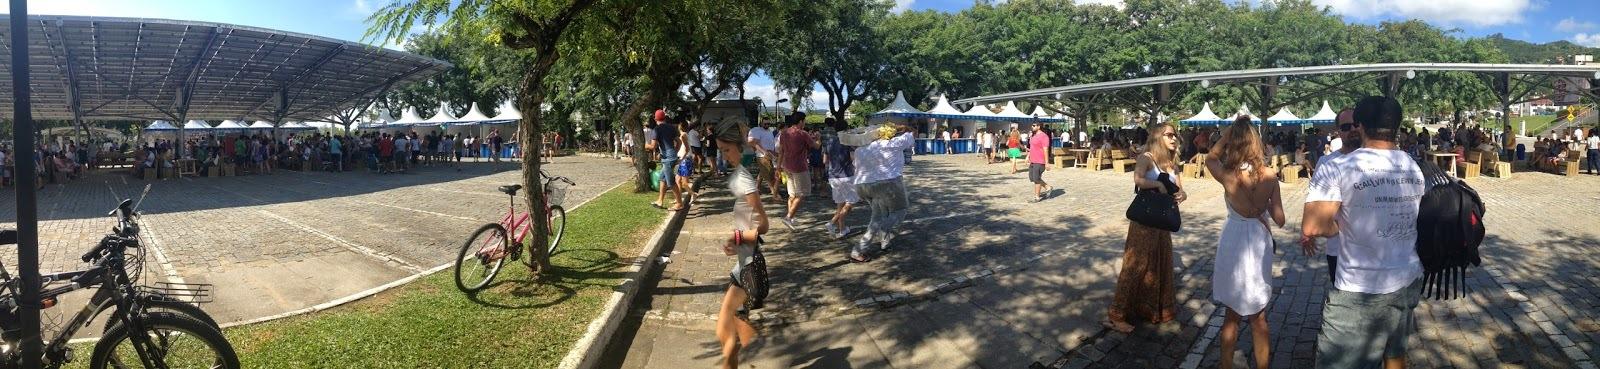 [Floripa] Impressões sobre a I Feira Gastronômica De Florianópolis